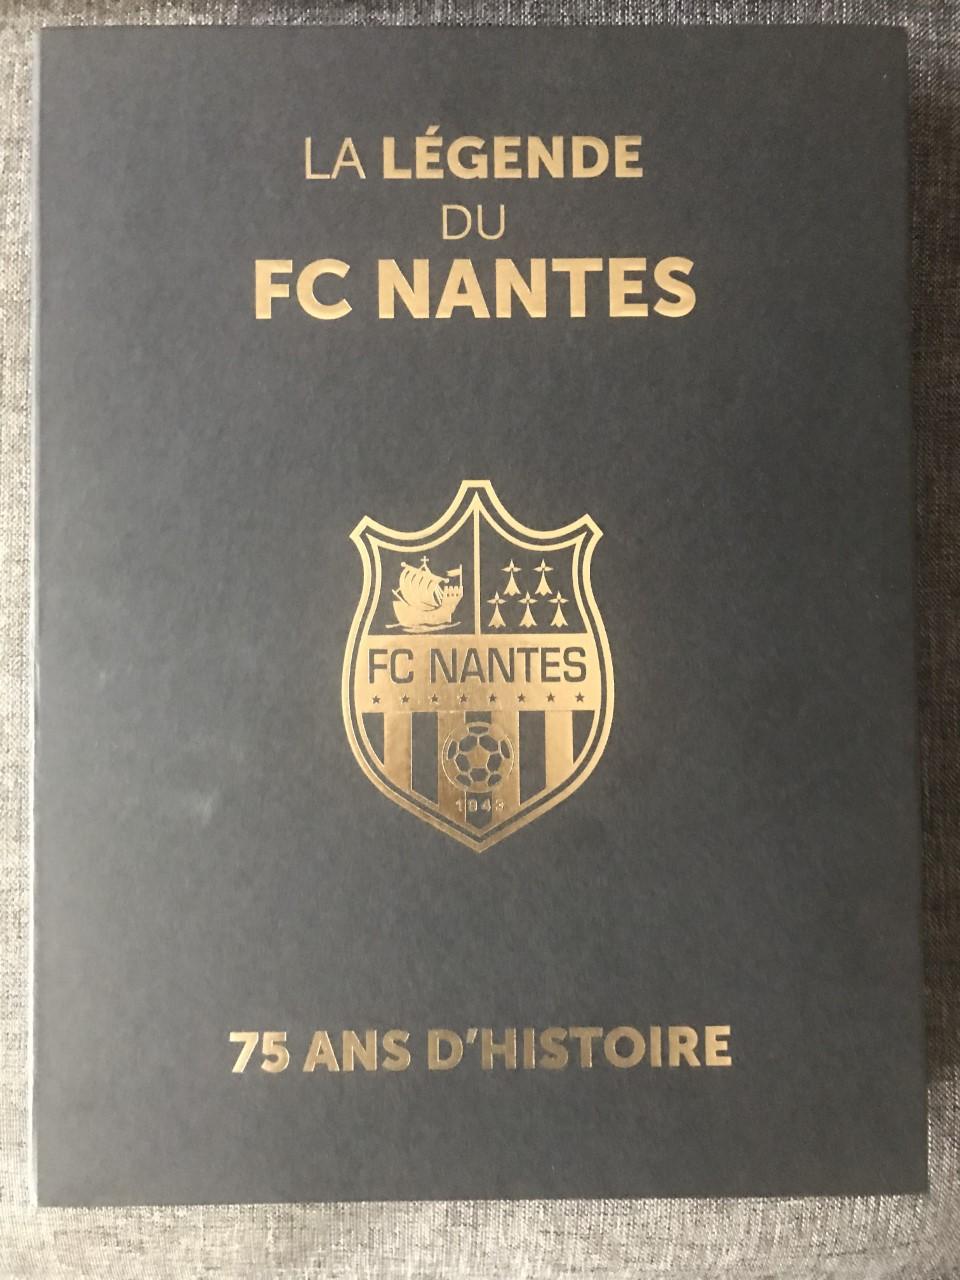 FC_Nanates_!.jpg